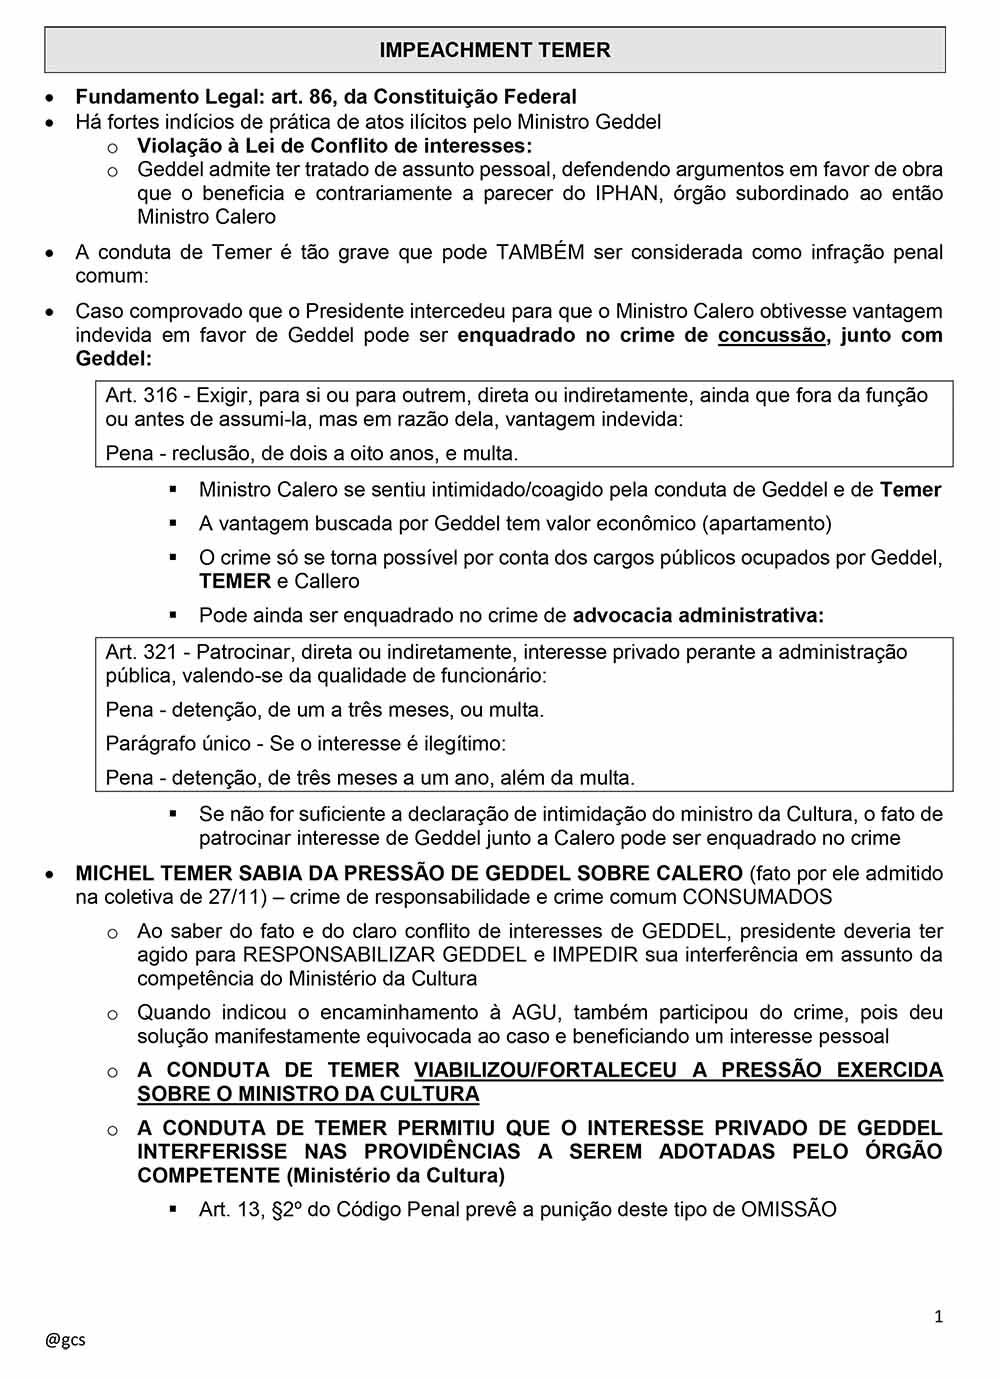 Impeachment Michel Temer 1